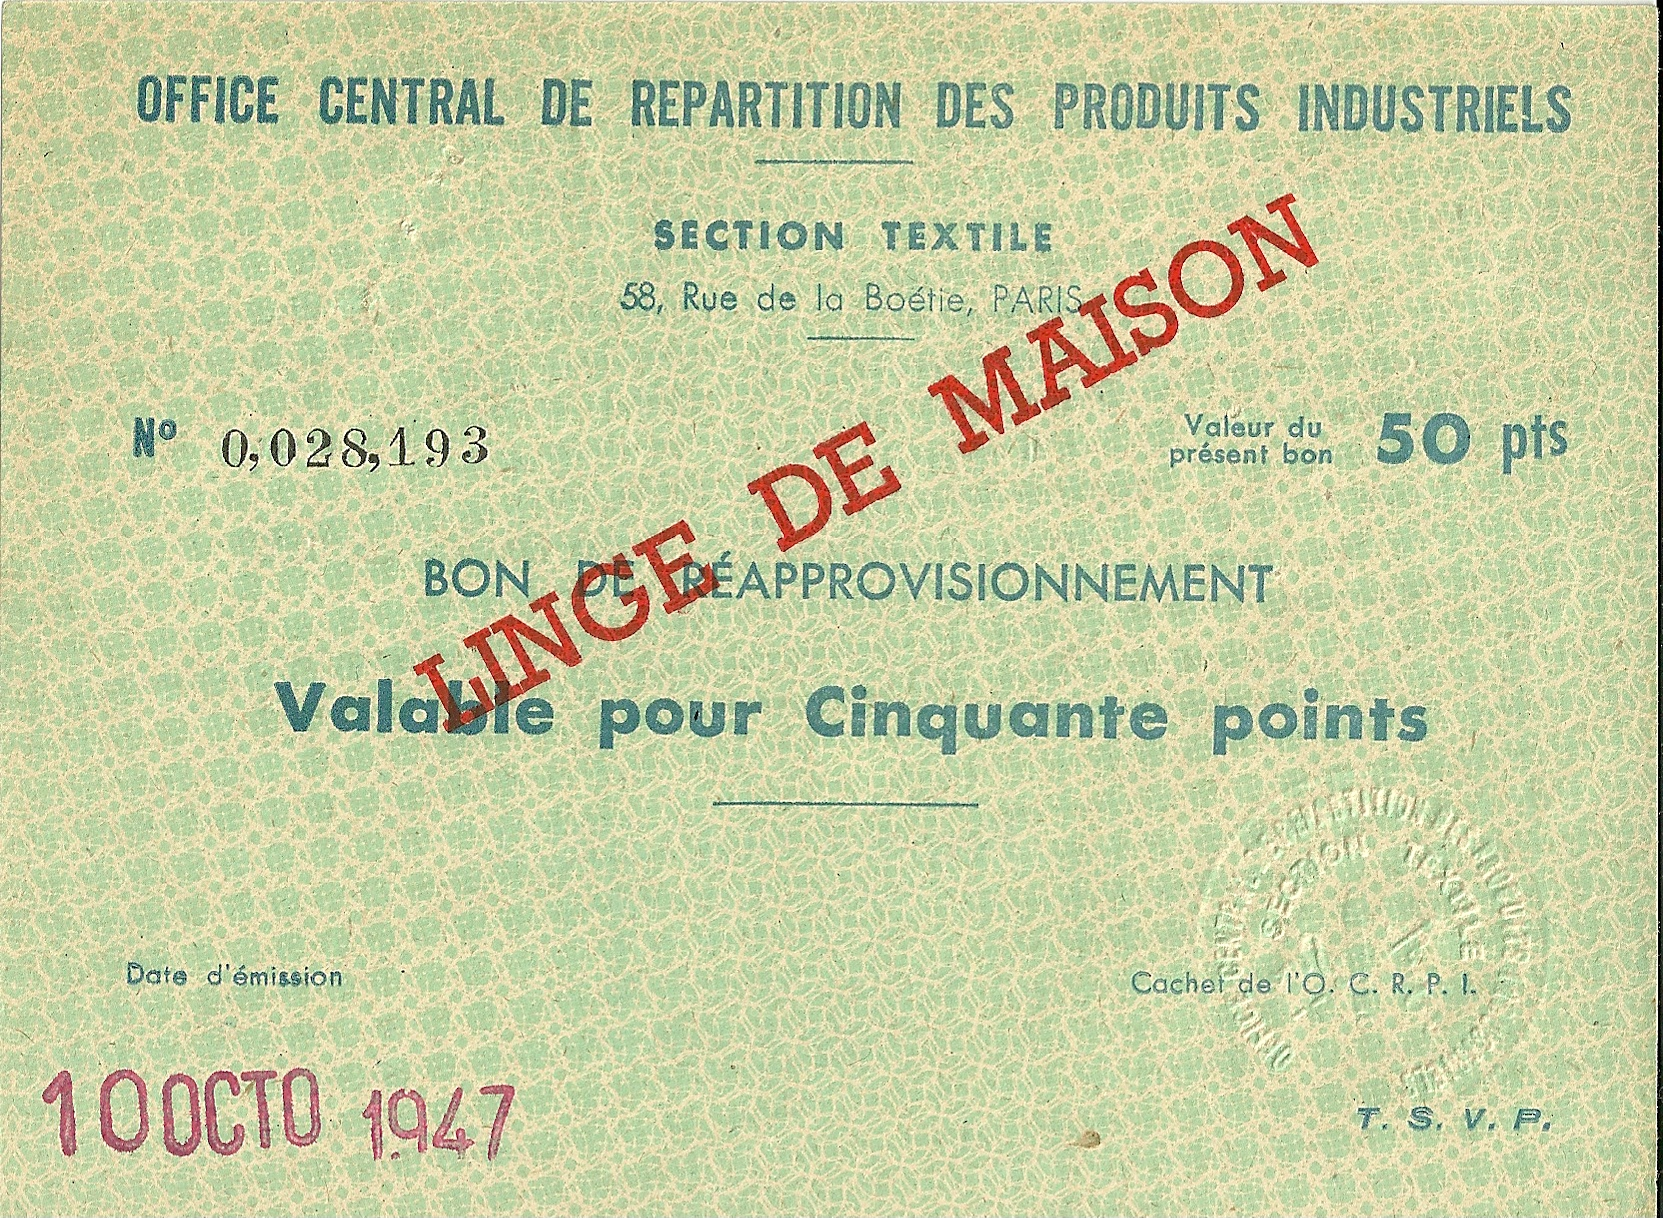 SECTION TEXTILE - BON DE REAPPROVISIONNEMENT - Valable pour Cinquante points - 0,028,193